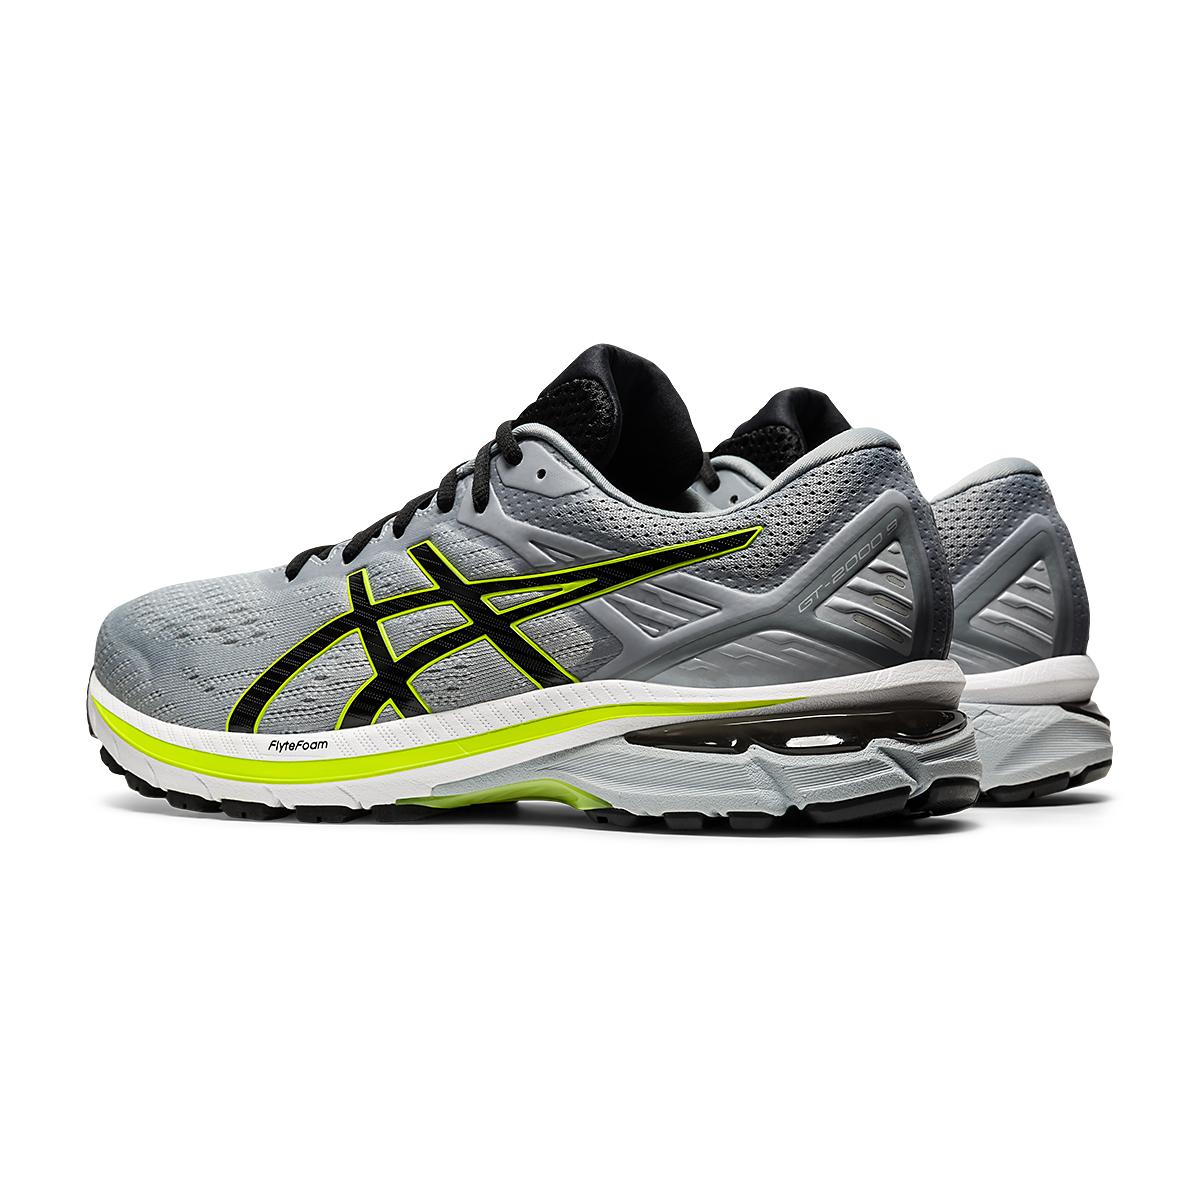 Men's Asics GT-2000 9 Running Shoe - Color: Sheet Rock/Black - Size: 7 - Width: Regular, Sheet Rock/Black, large, image 4